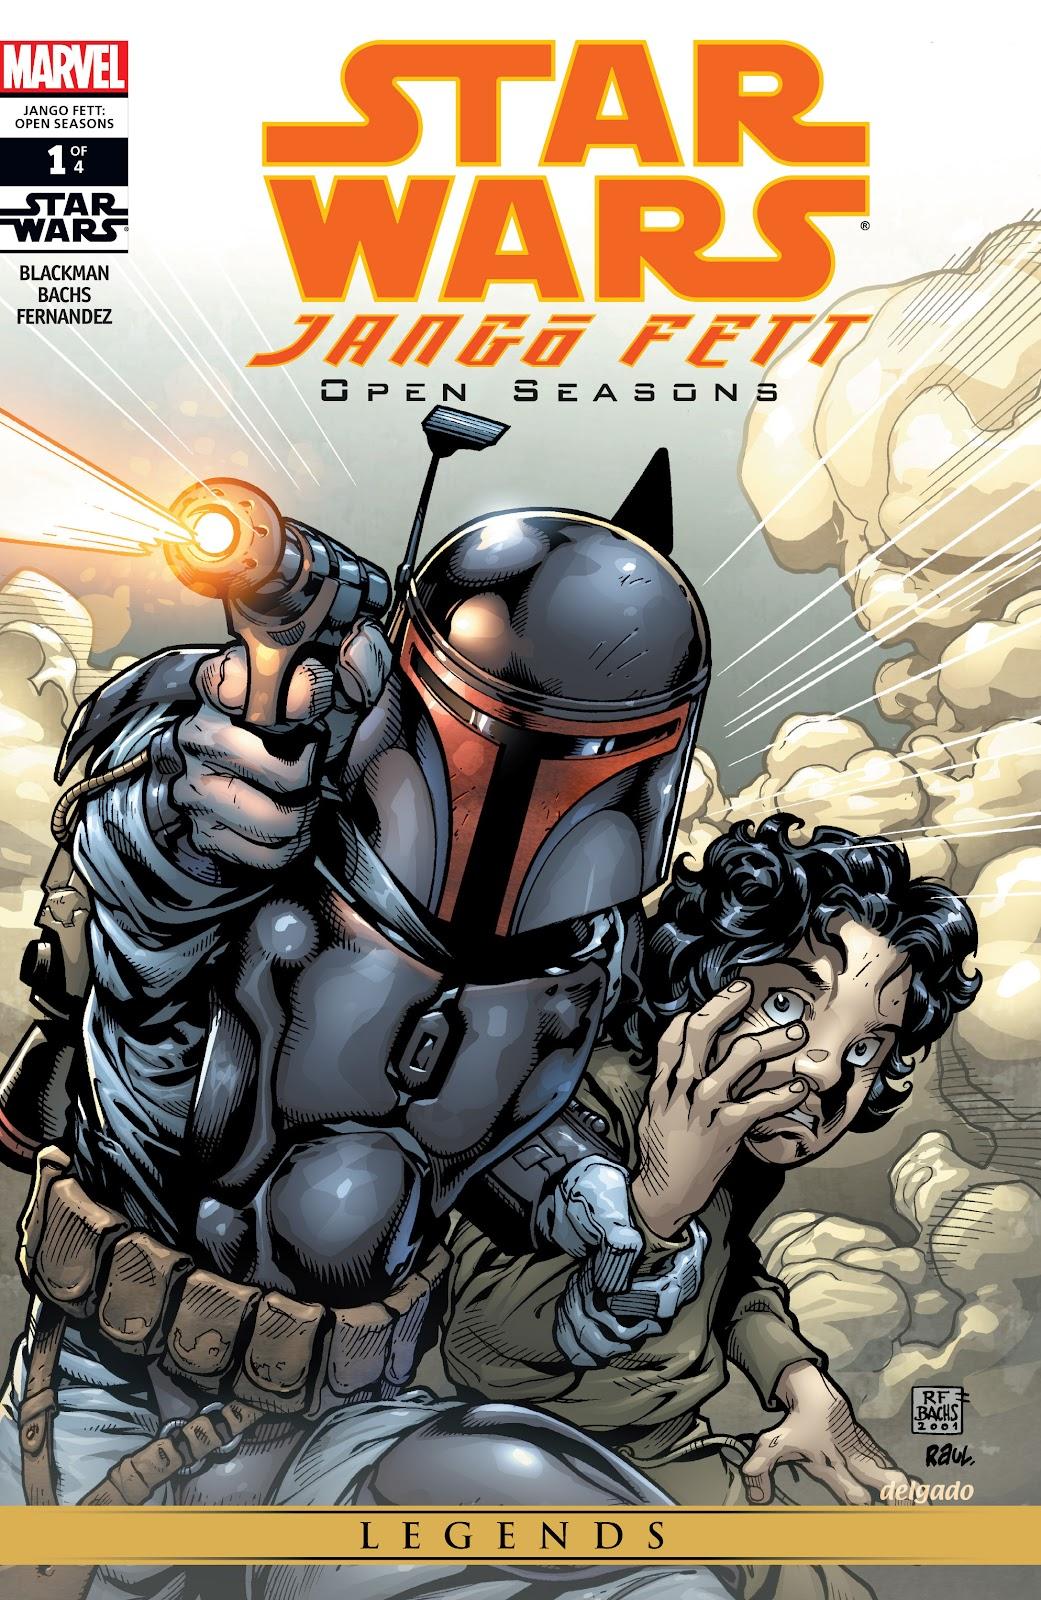 Star Wars: Jango Fett - Open Seasons 1 Page 1